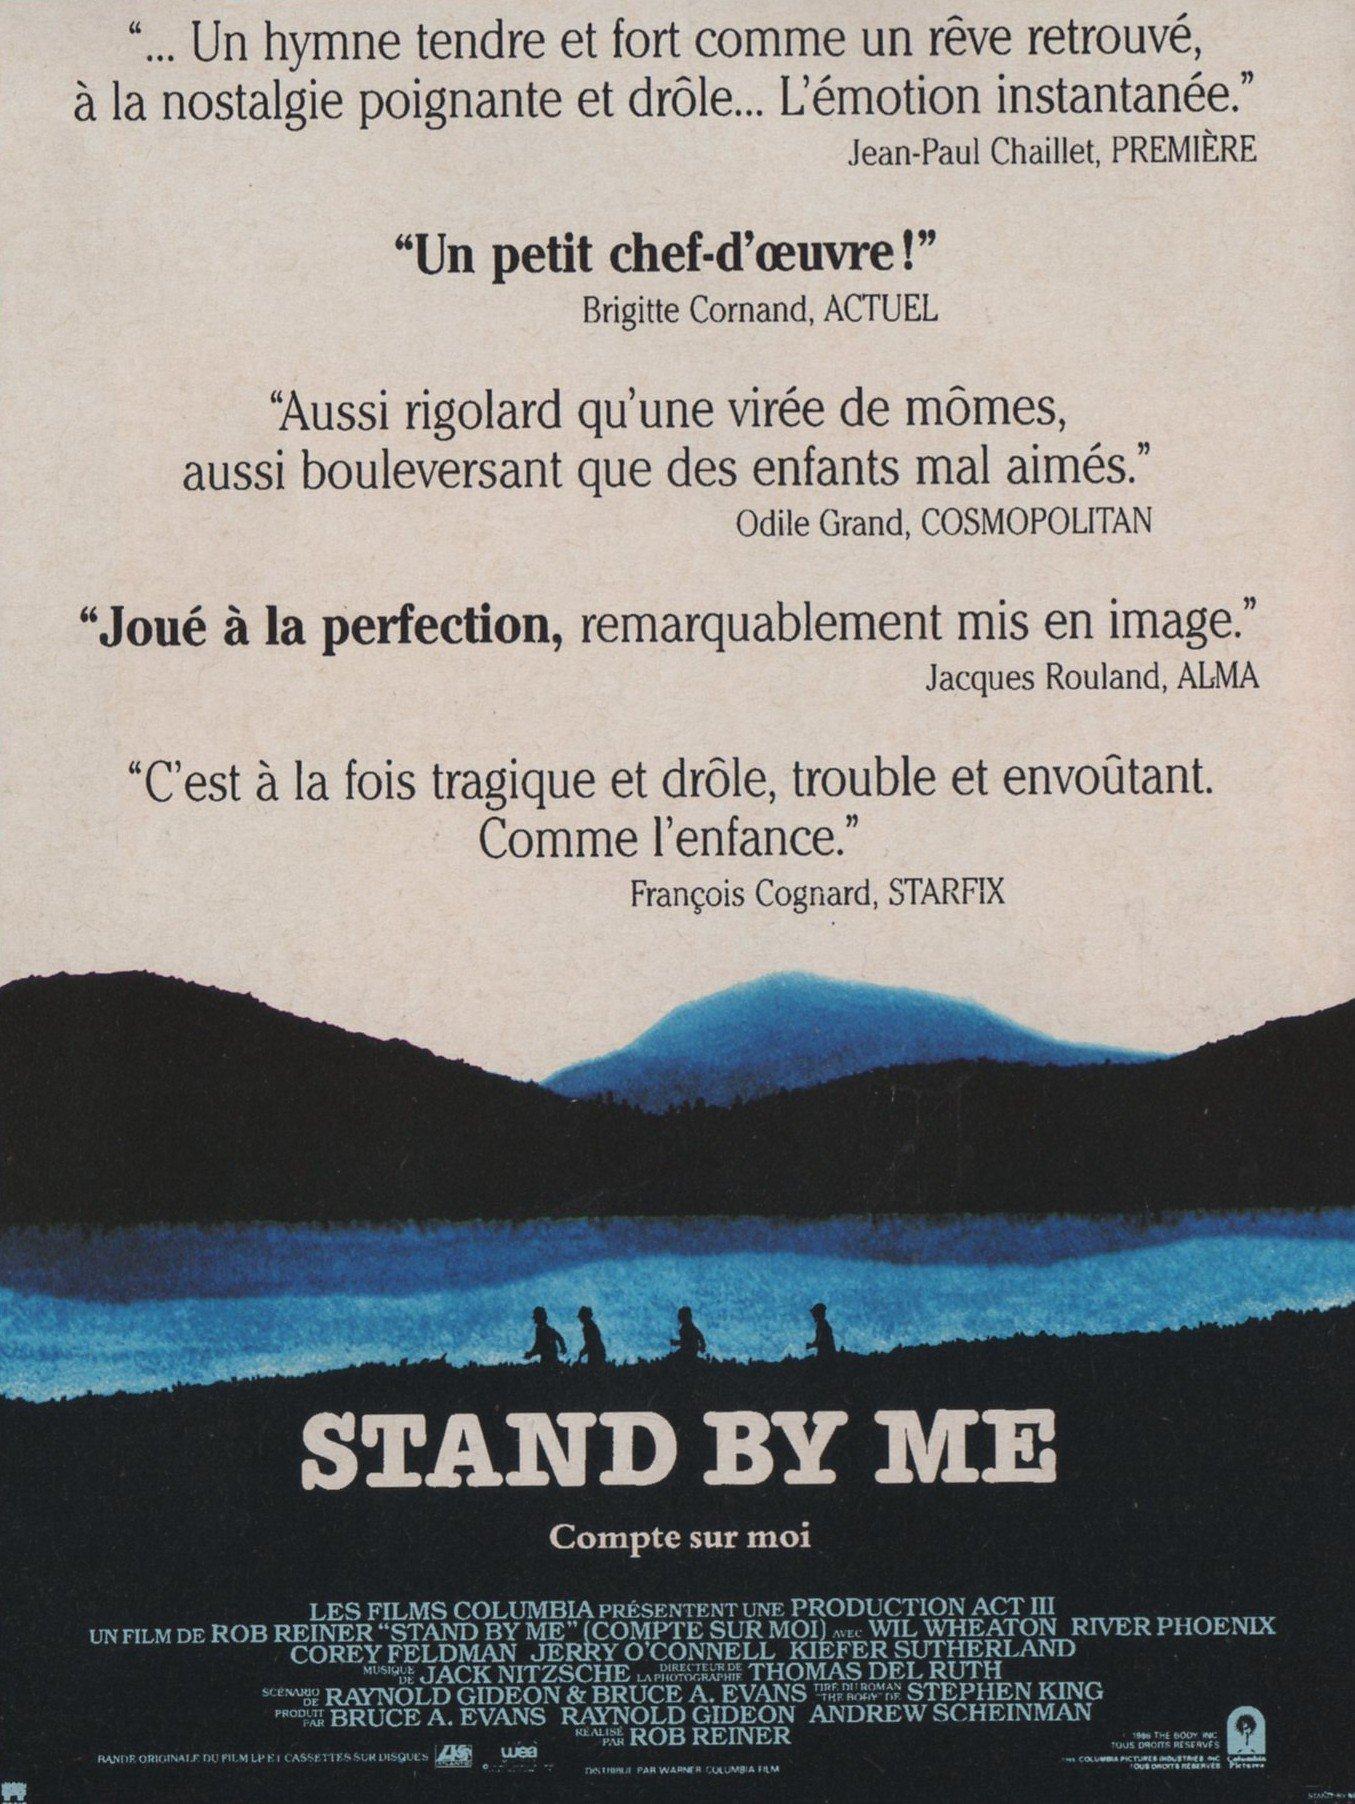 affiche du film Stand by me : Compte sur moi